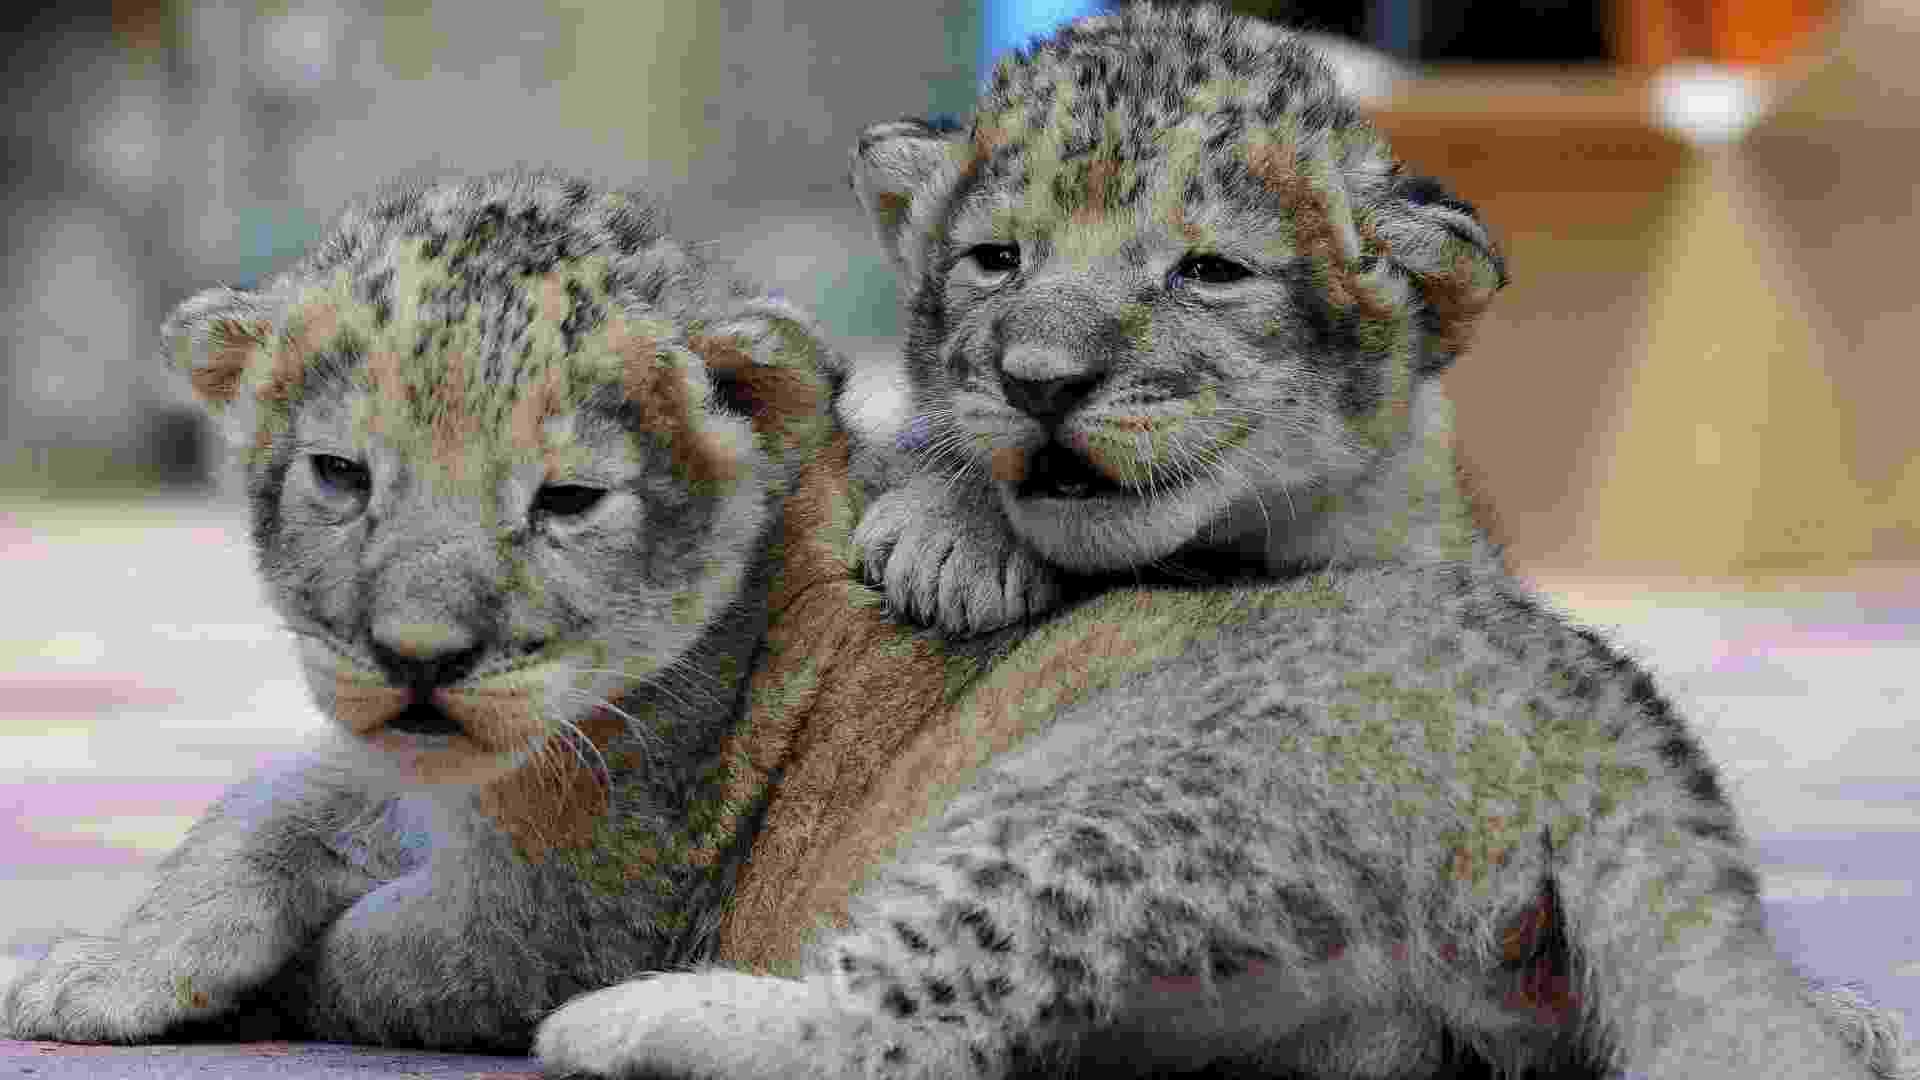 26.jun.2013 - Leões com uma semana de vida fazem primeira aparição pública nesta quarta-feira (26)  em zoológico de Starvropol (Rússia) - Danil Semyonov/AFP